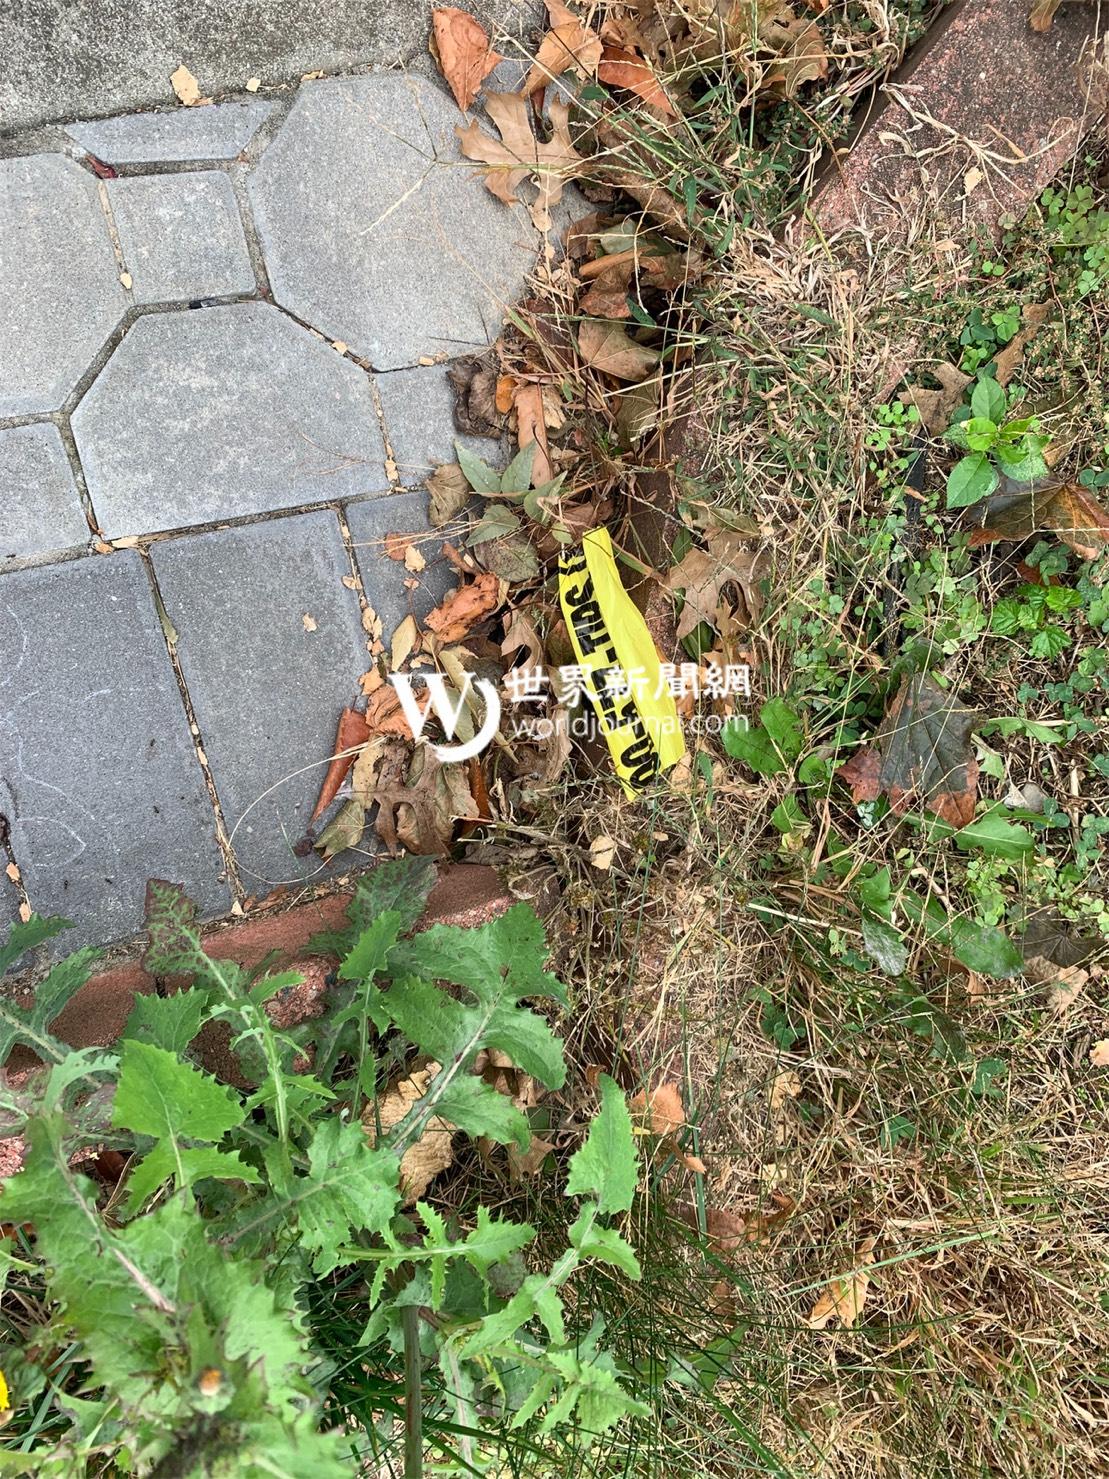 死者的住所外有一條疑似被撕掉的警戒線。(記者牟蘭/攝影)